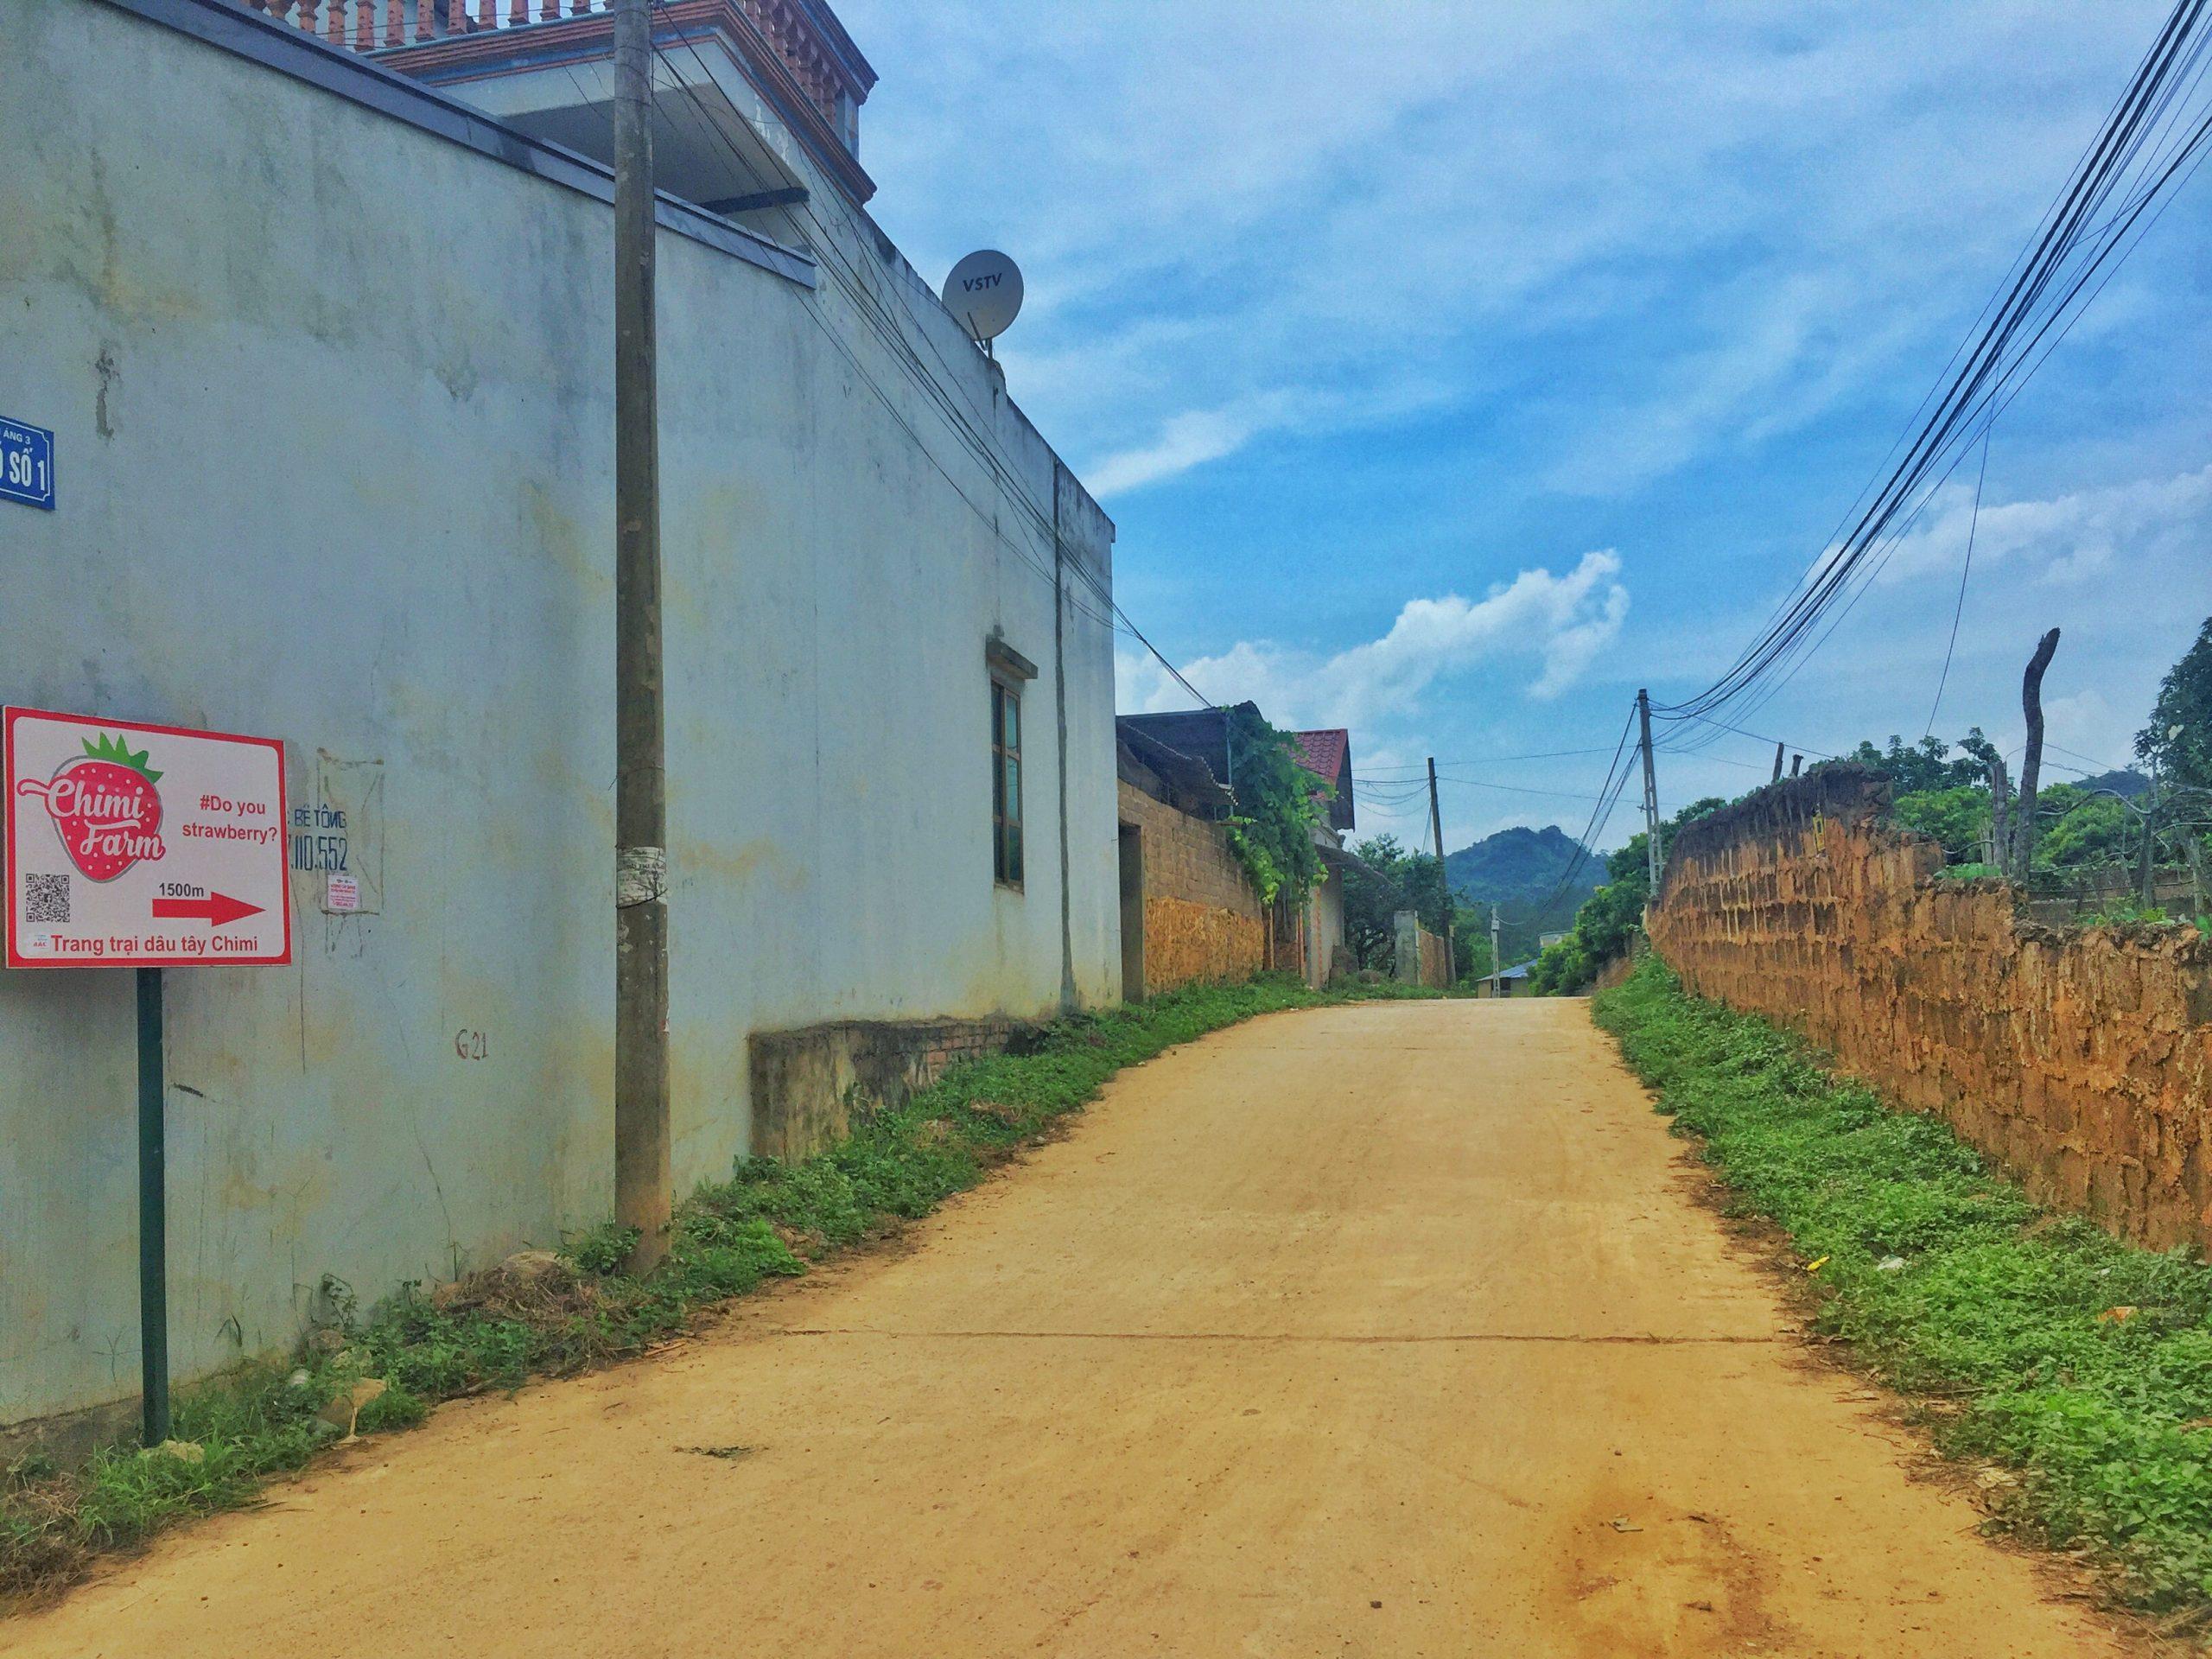 Hướng dẫn đường đi đến Chimi Farm 1